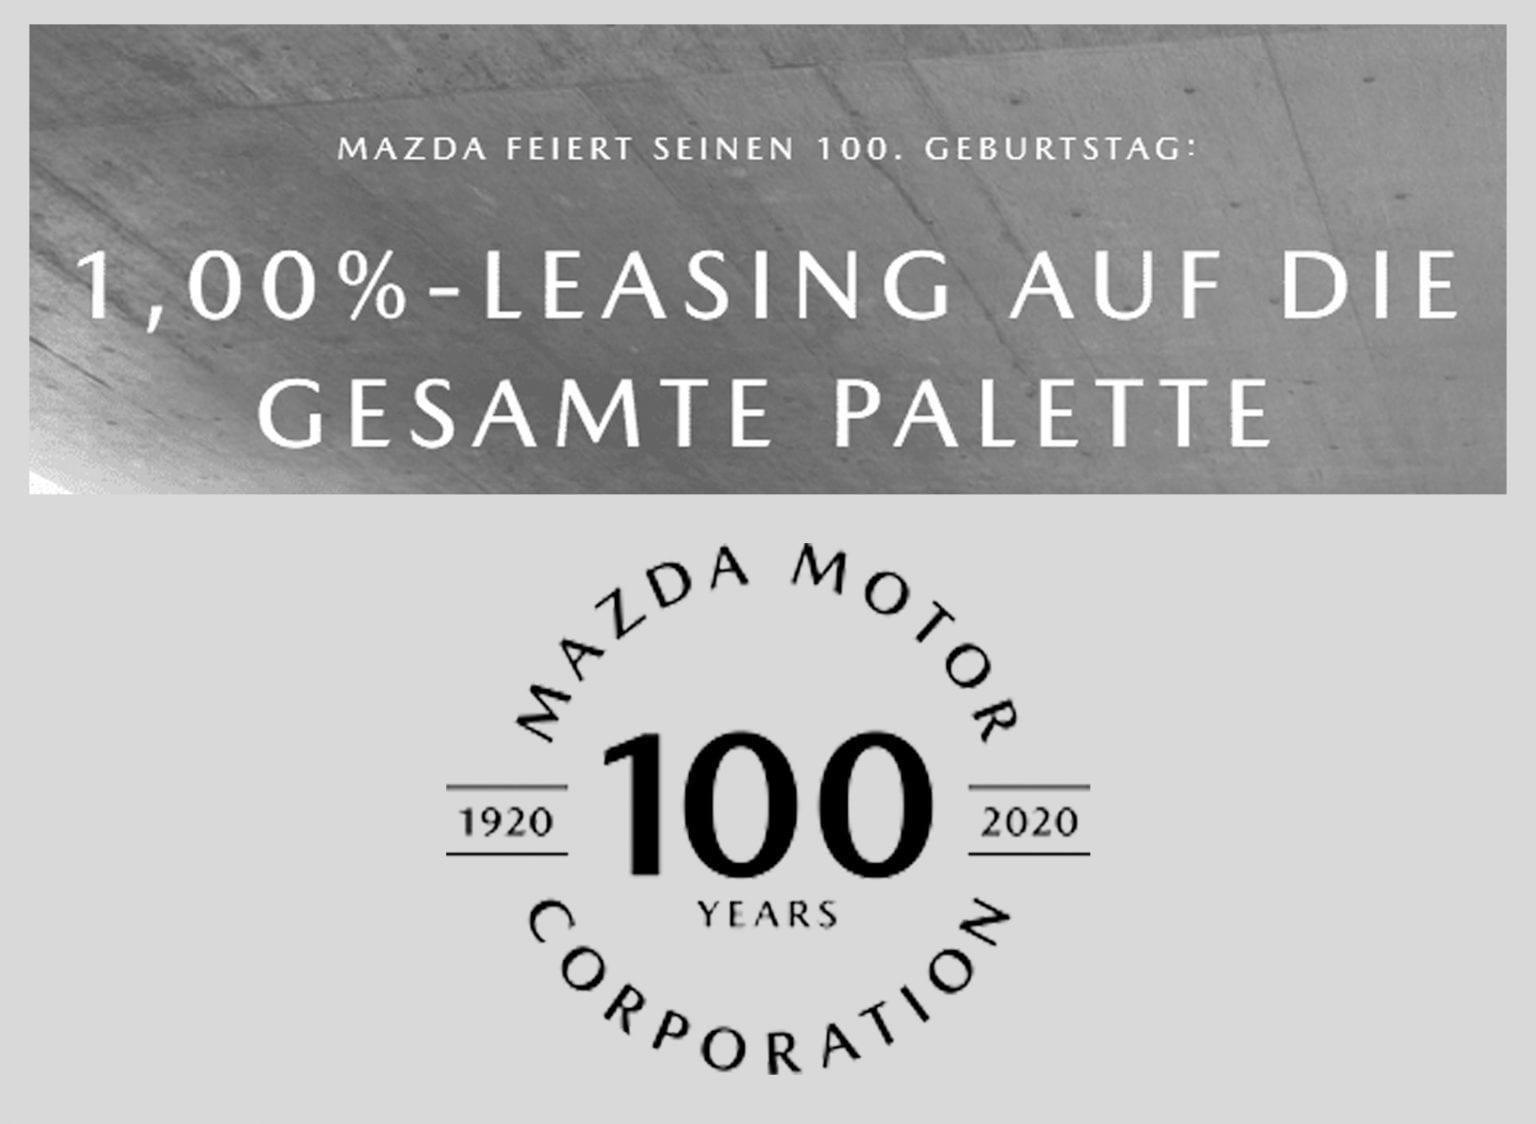 Mazda feiert seinen 100. Geburtstag und geht in die Verlängerung - Auto Welt von Rotz AG 2